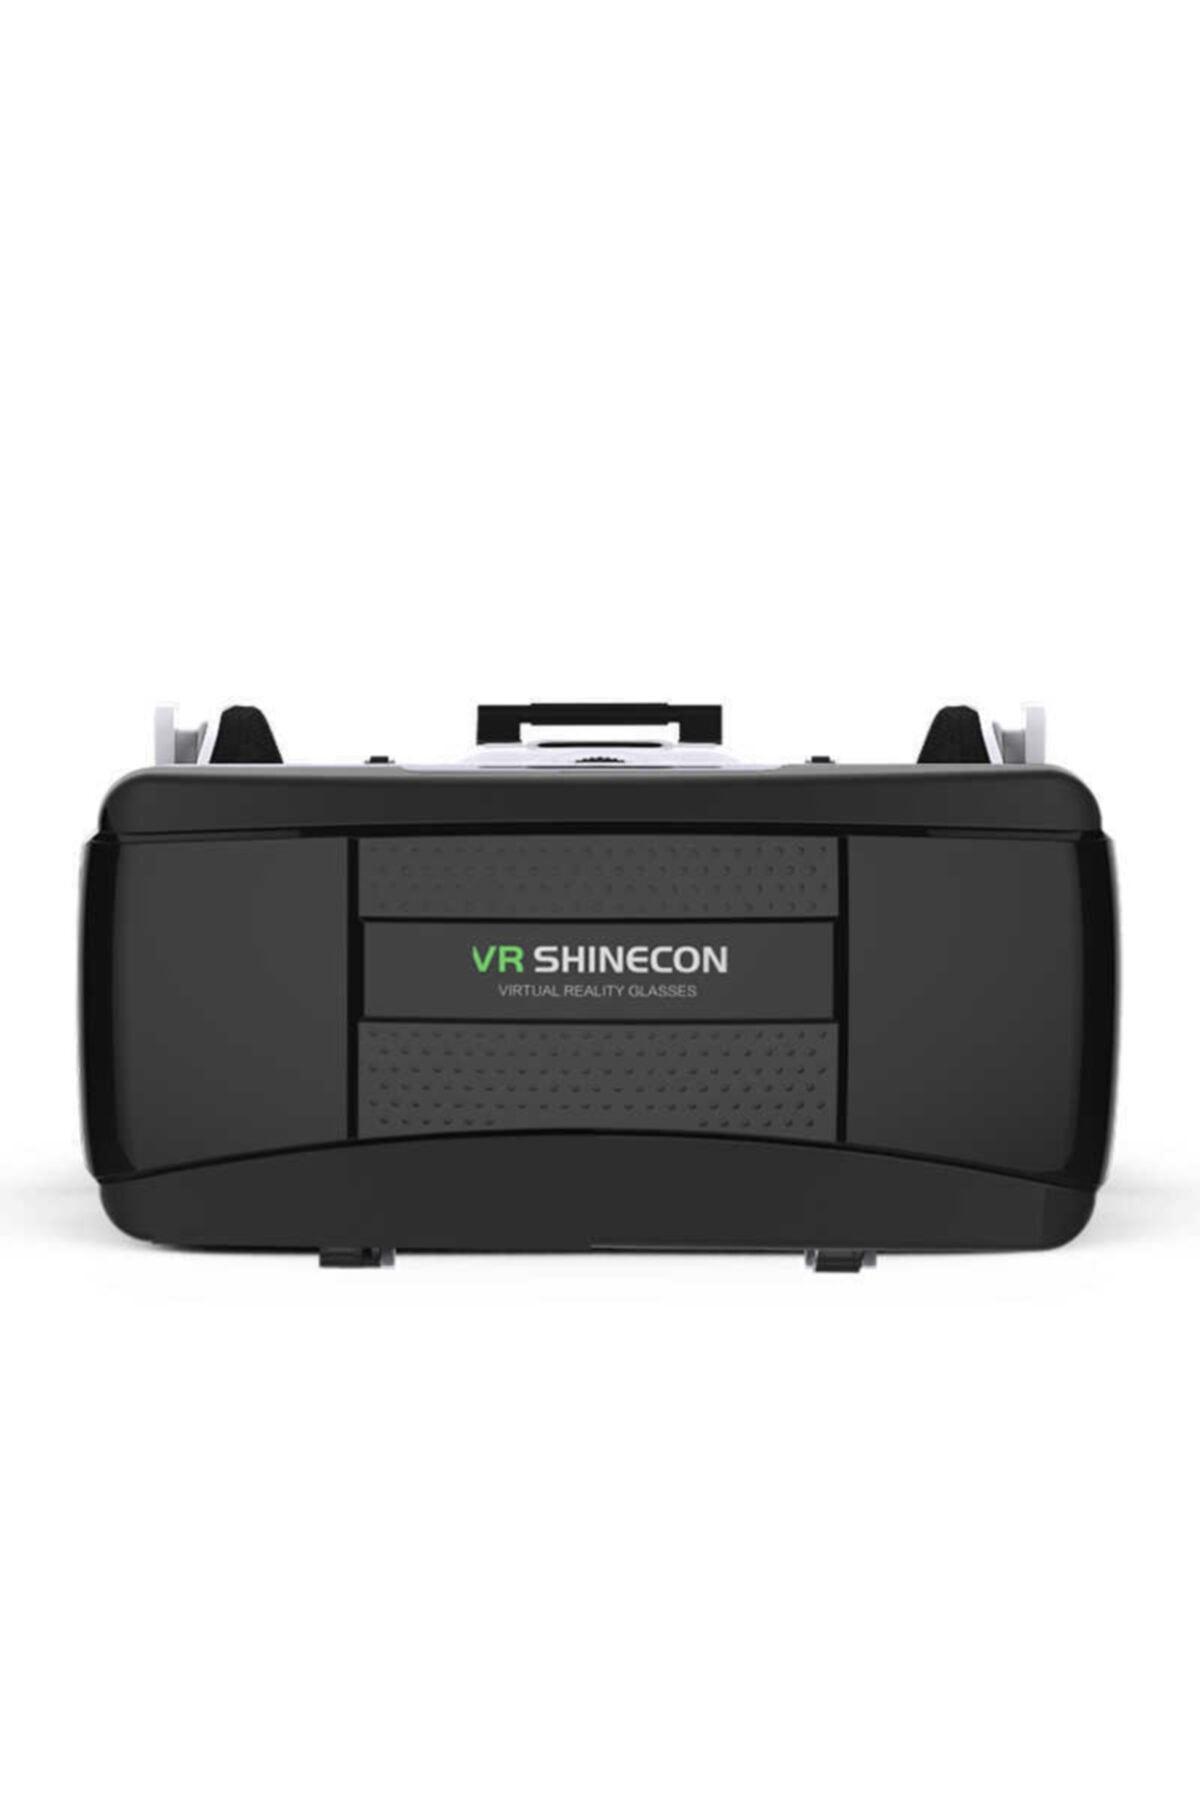 dijimedia G06b Vr Shinecon 3d Sanal Gerçeklik Gözlüğü 1